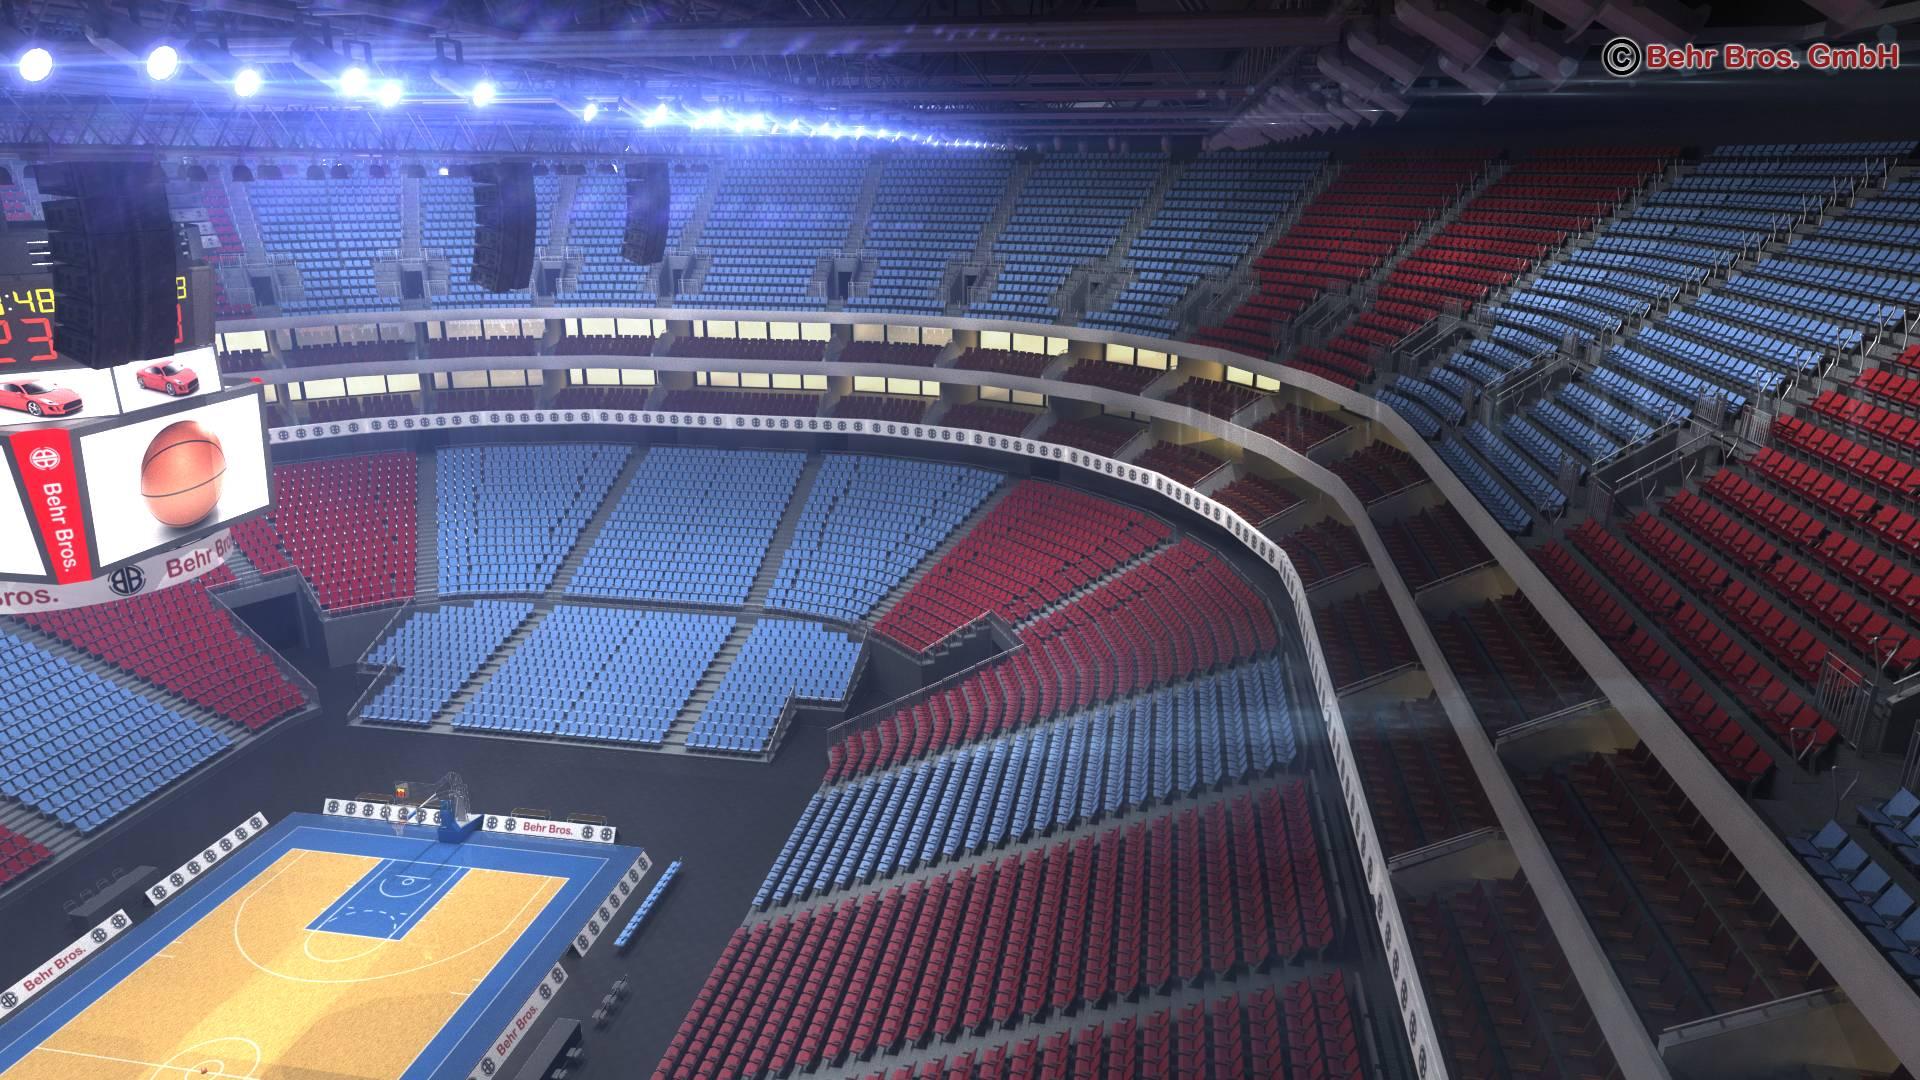 košarkaška arena v2 3d model 3ds max fbx c4d lwo ma mb obj 222368